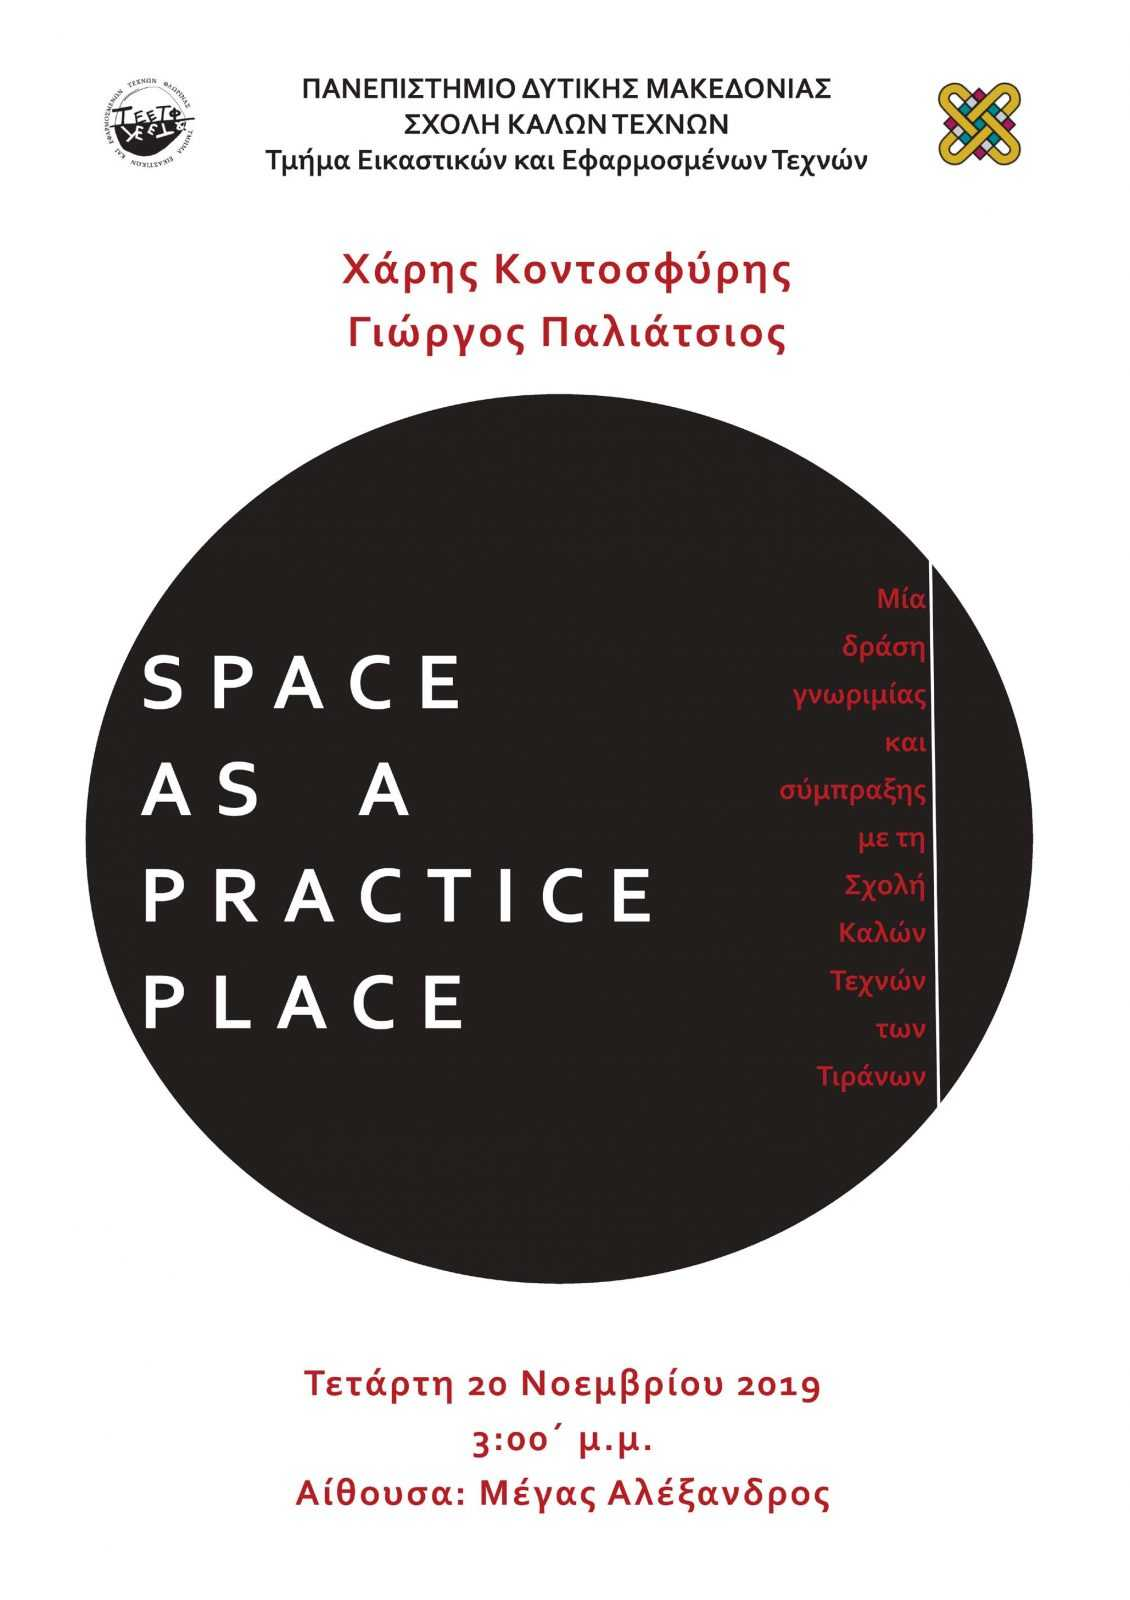 Διάλεξη Χ. Κοντοσφύρη & Γ. Παλιάτσιου «Space as a Practice Place: Μία δράση γνωριμίας και σύμπραξης με τη Σχολή Καλών Τεχνών των Τιράνων» στο Τ.Ε.Ε.Τ., 20/11/2019